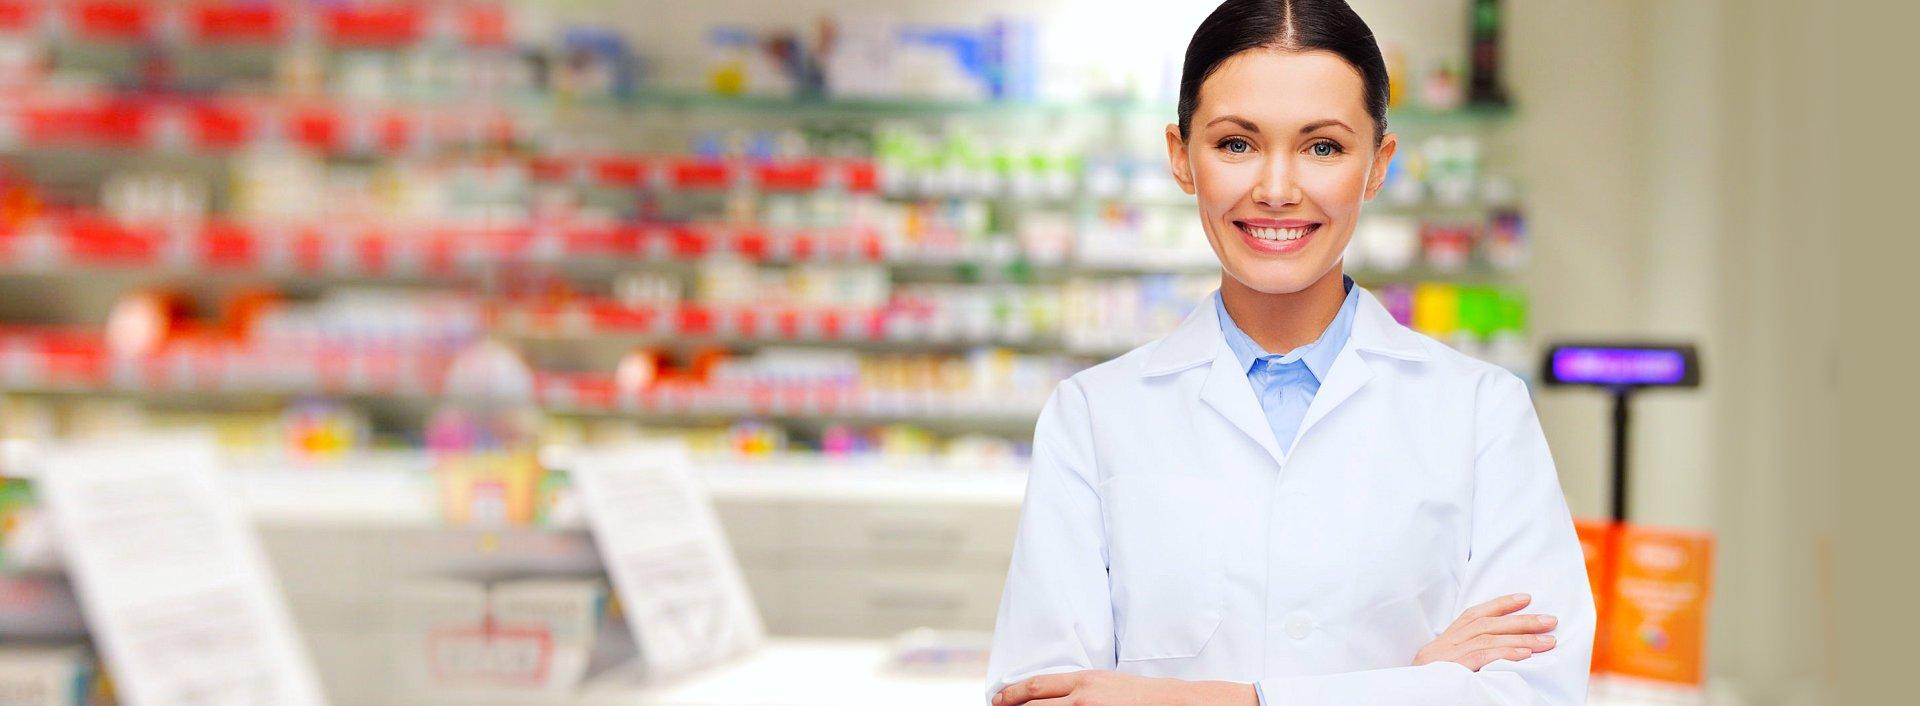 pharmacist smiling inside the drug store